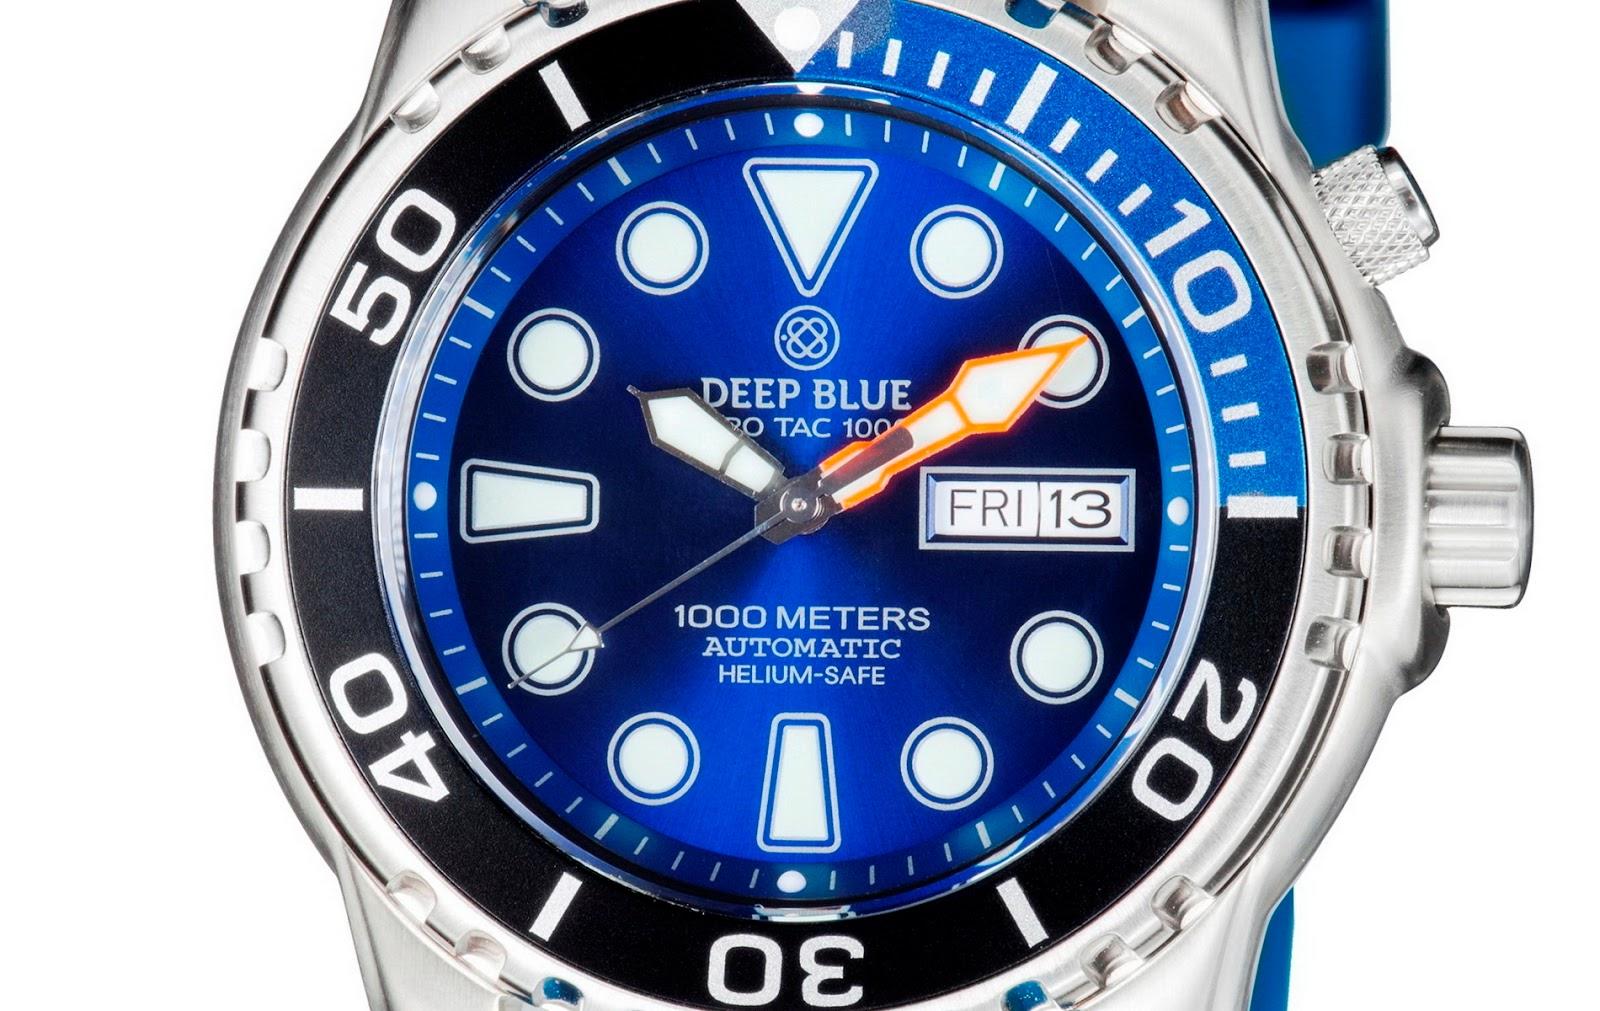 Oceanictime deep blue watches pro tac 1000m auto diver - Dive deep blue ...